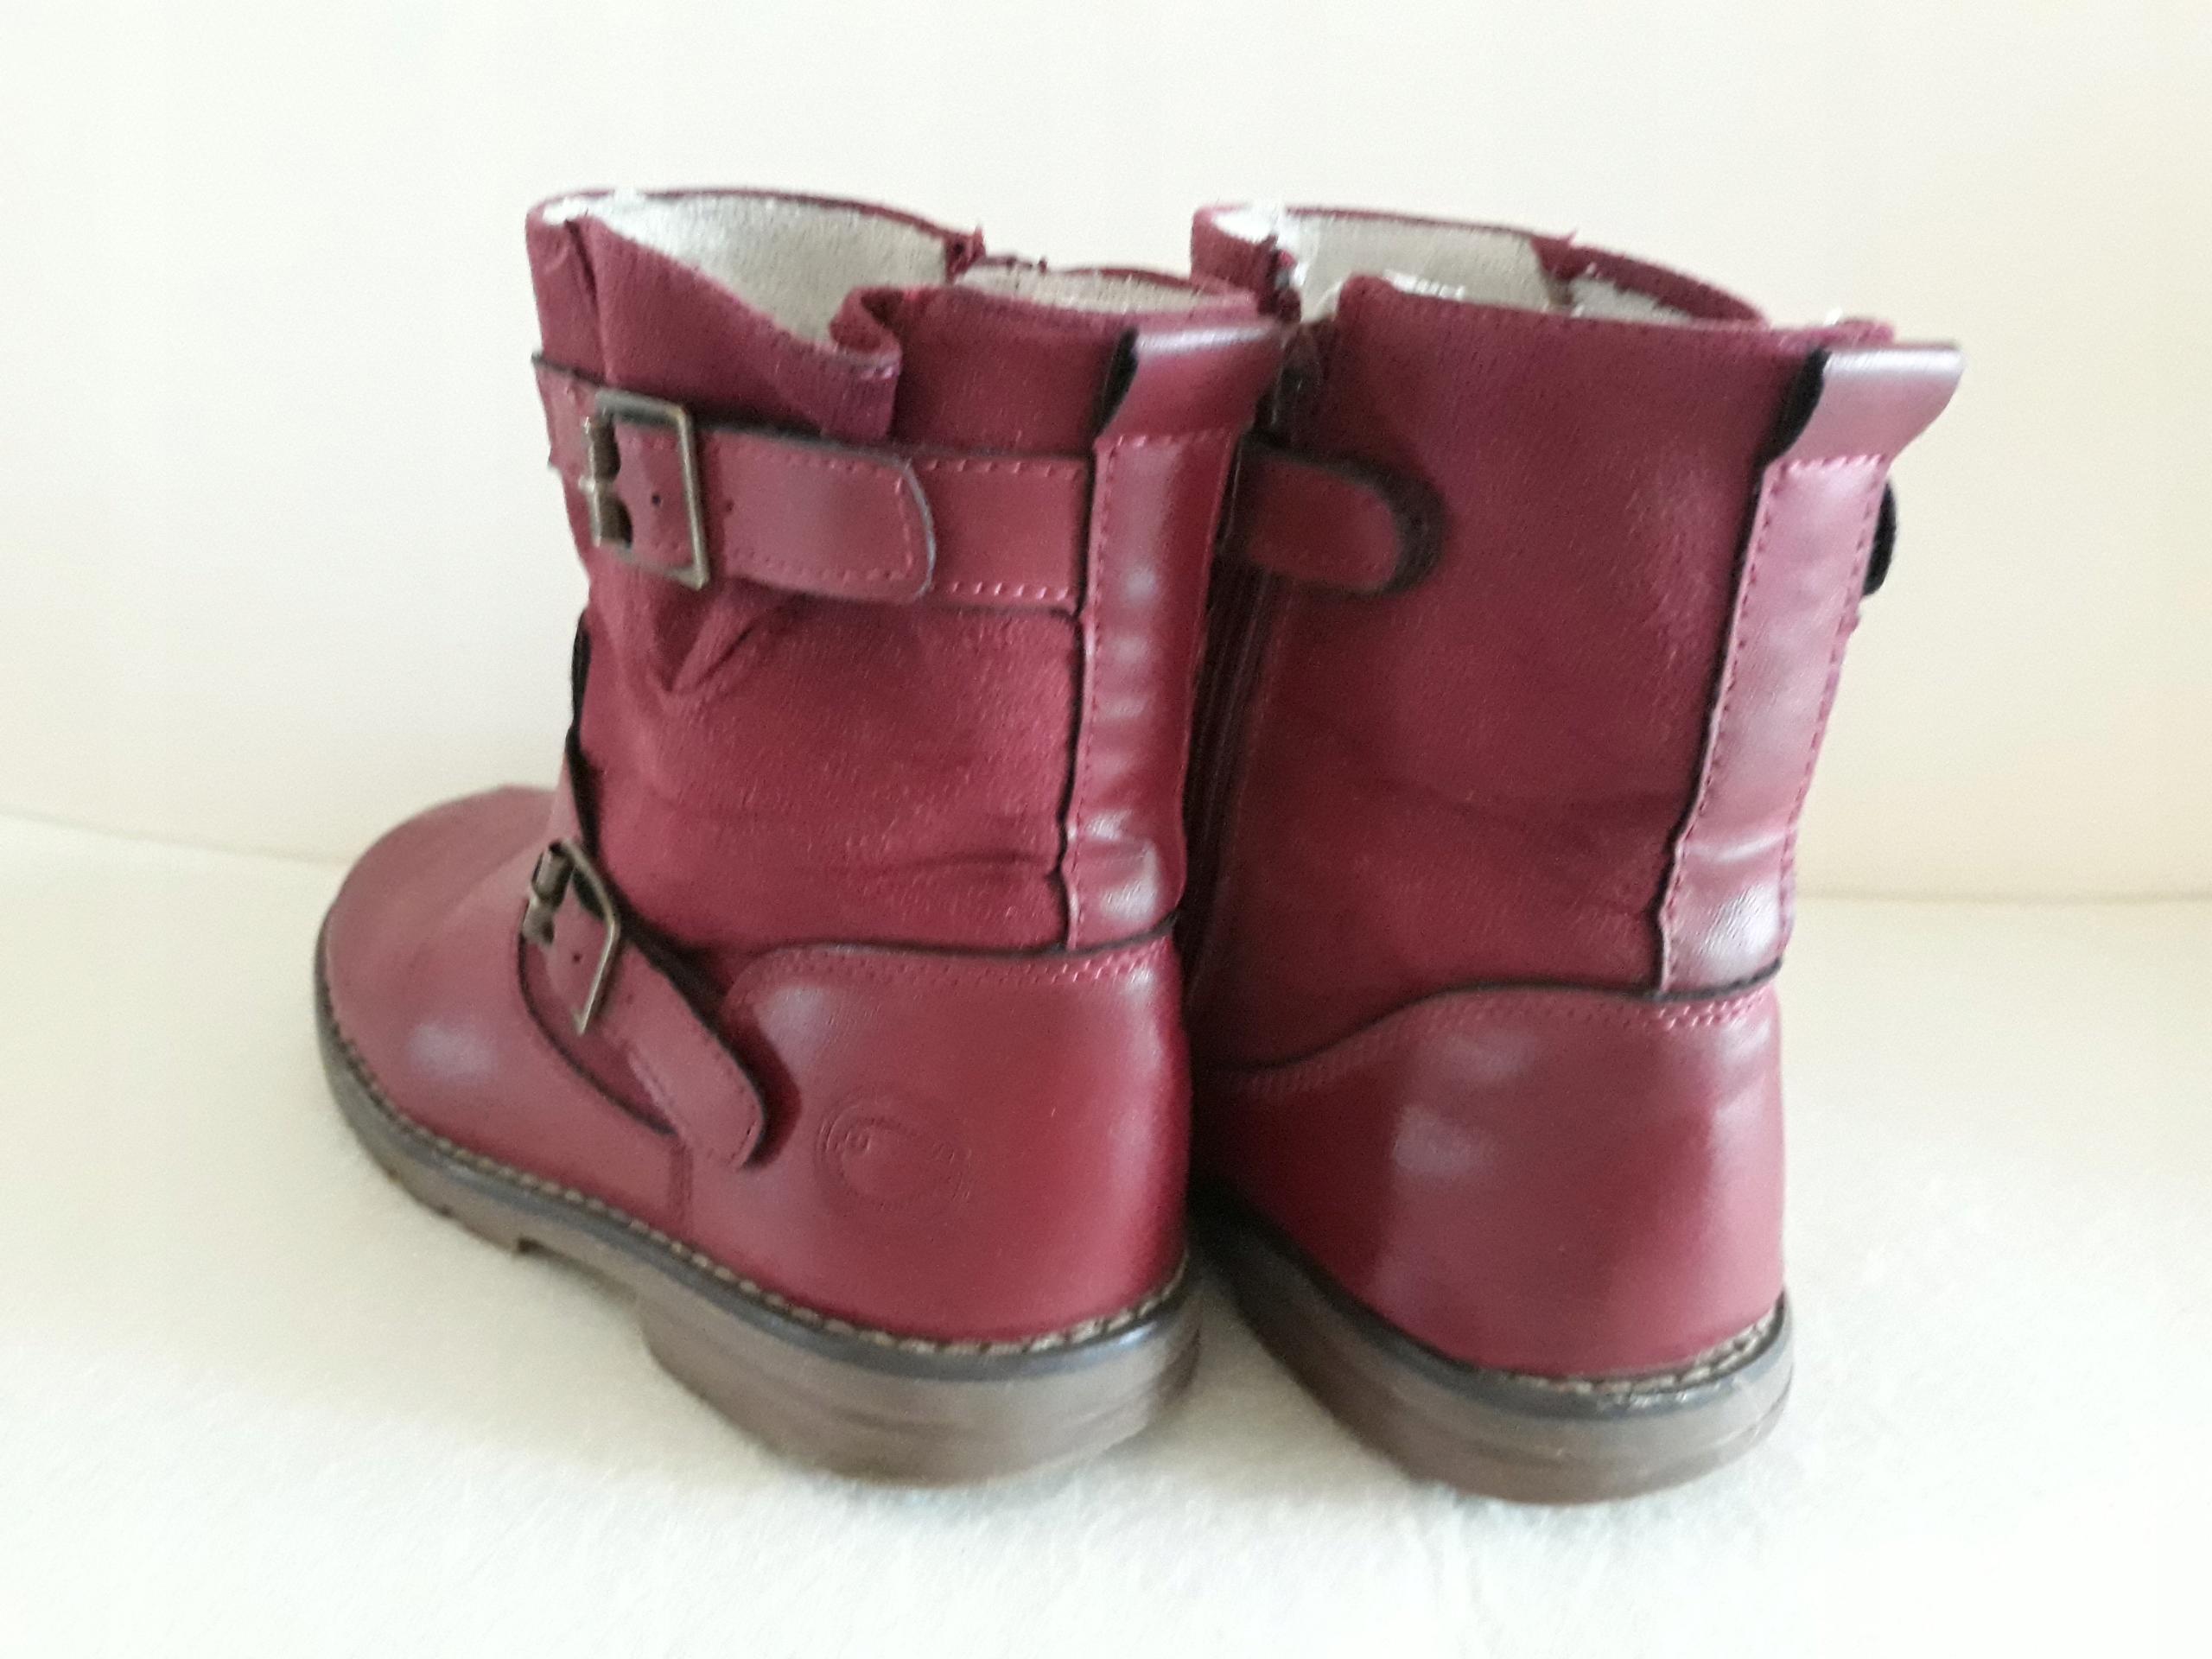 57cd6cee Kozaczki buty zimowe kozaki botki dziewczęce r. 30 - 7621509337 - oficjalne  archiwum allegro